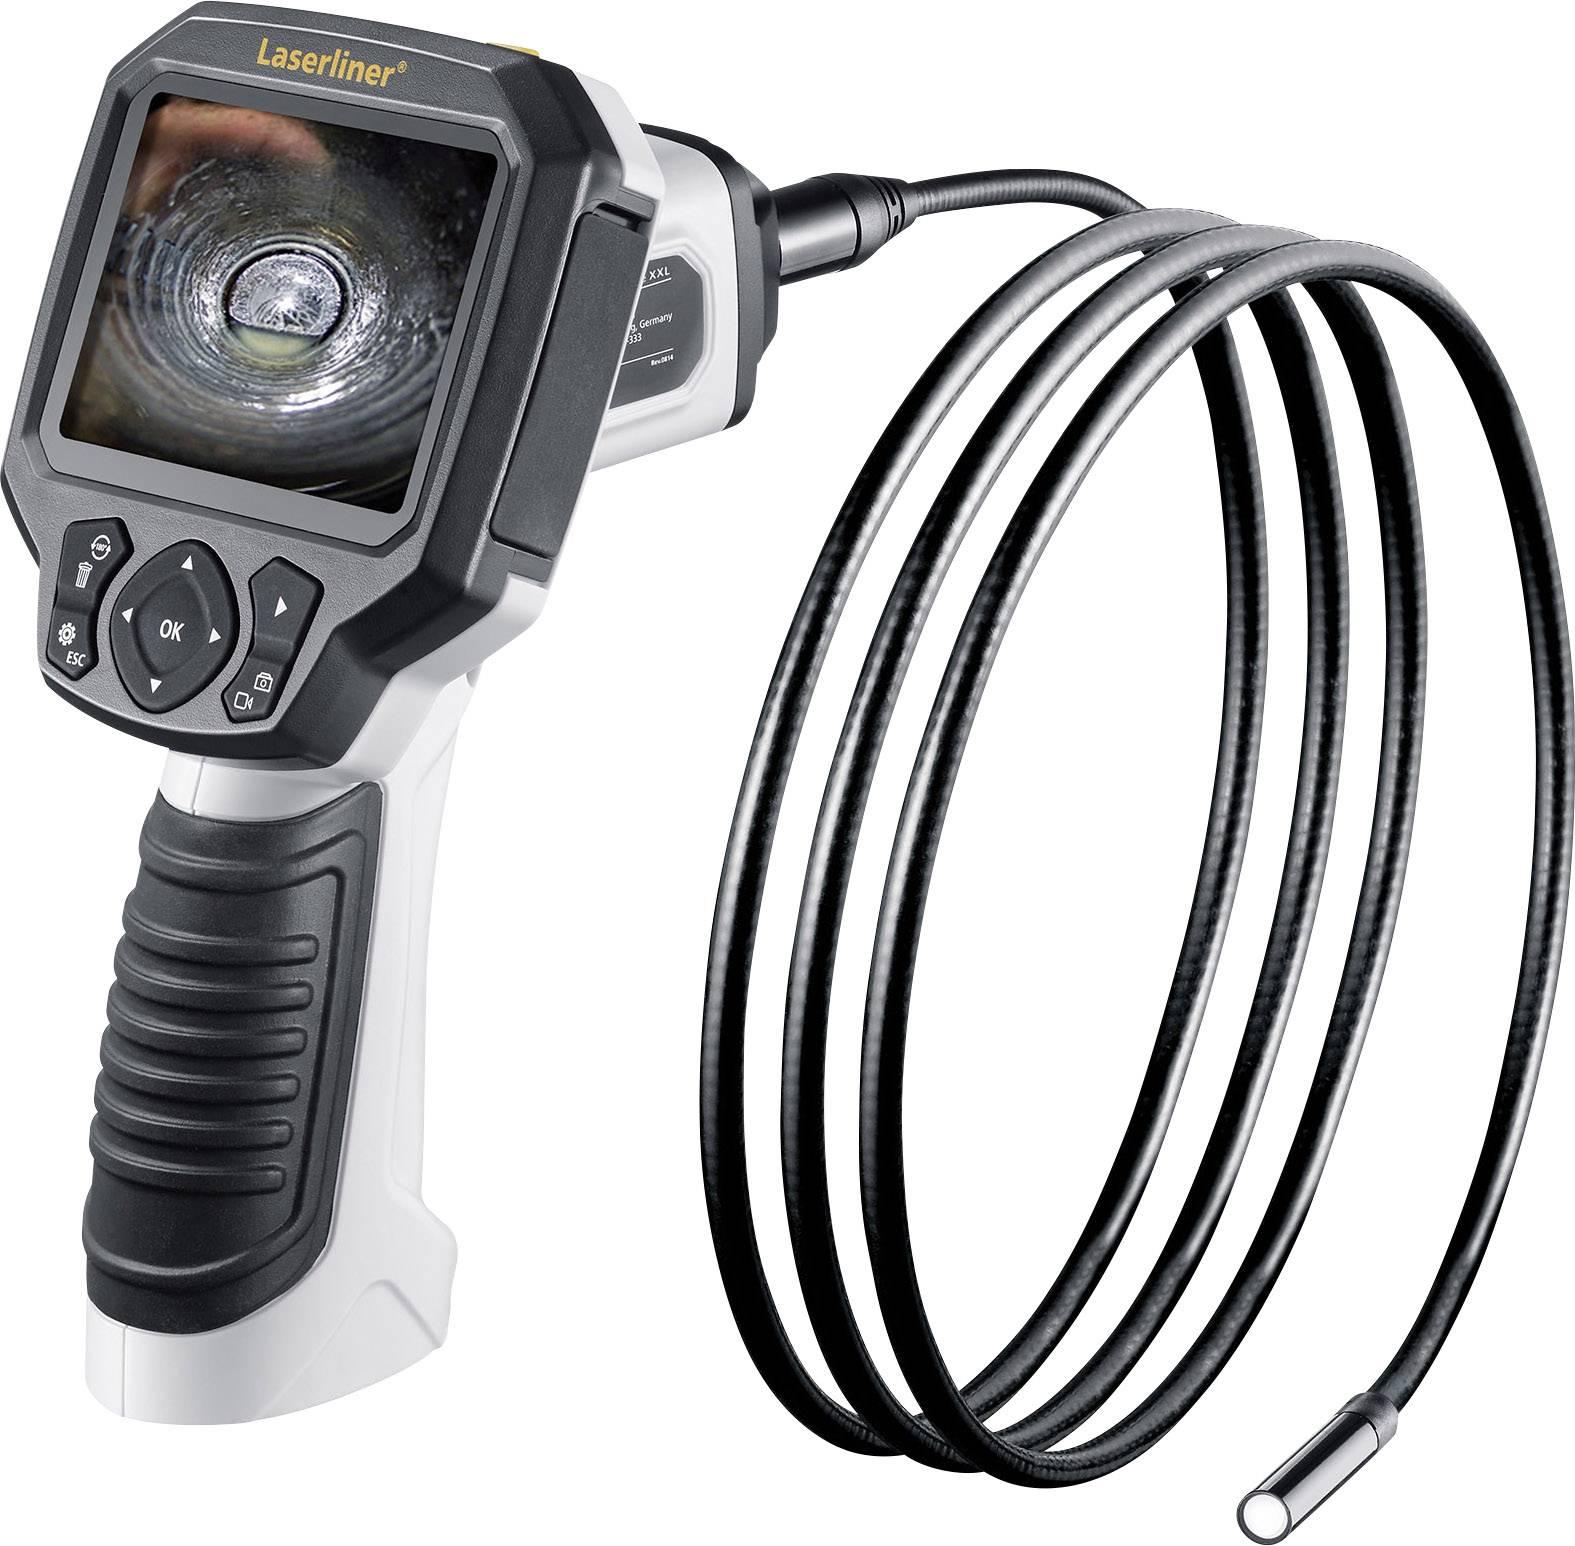 Endoskop Laserliner VideoScope XXL 082.115A, Ø sondy: 9 mm, dĺžka sondy: 5 m